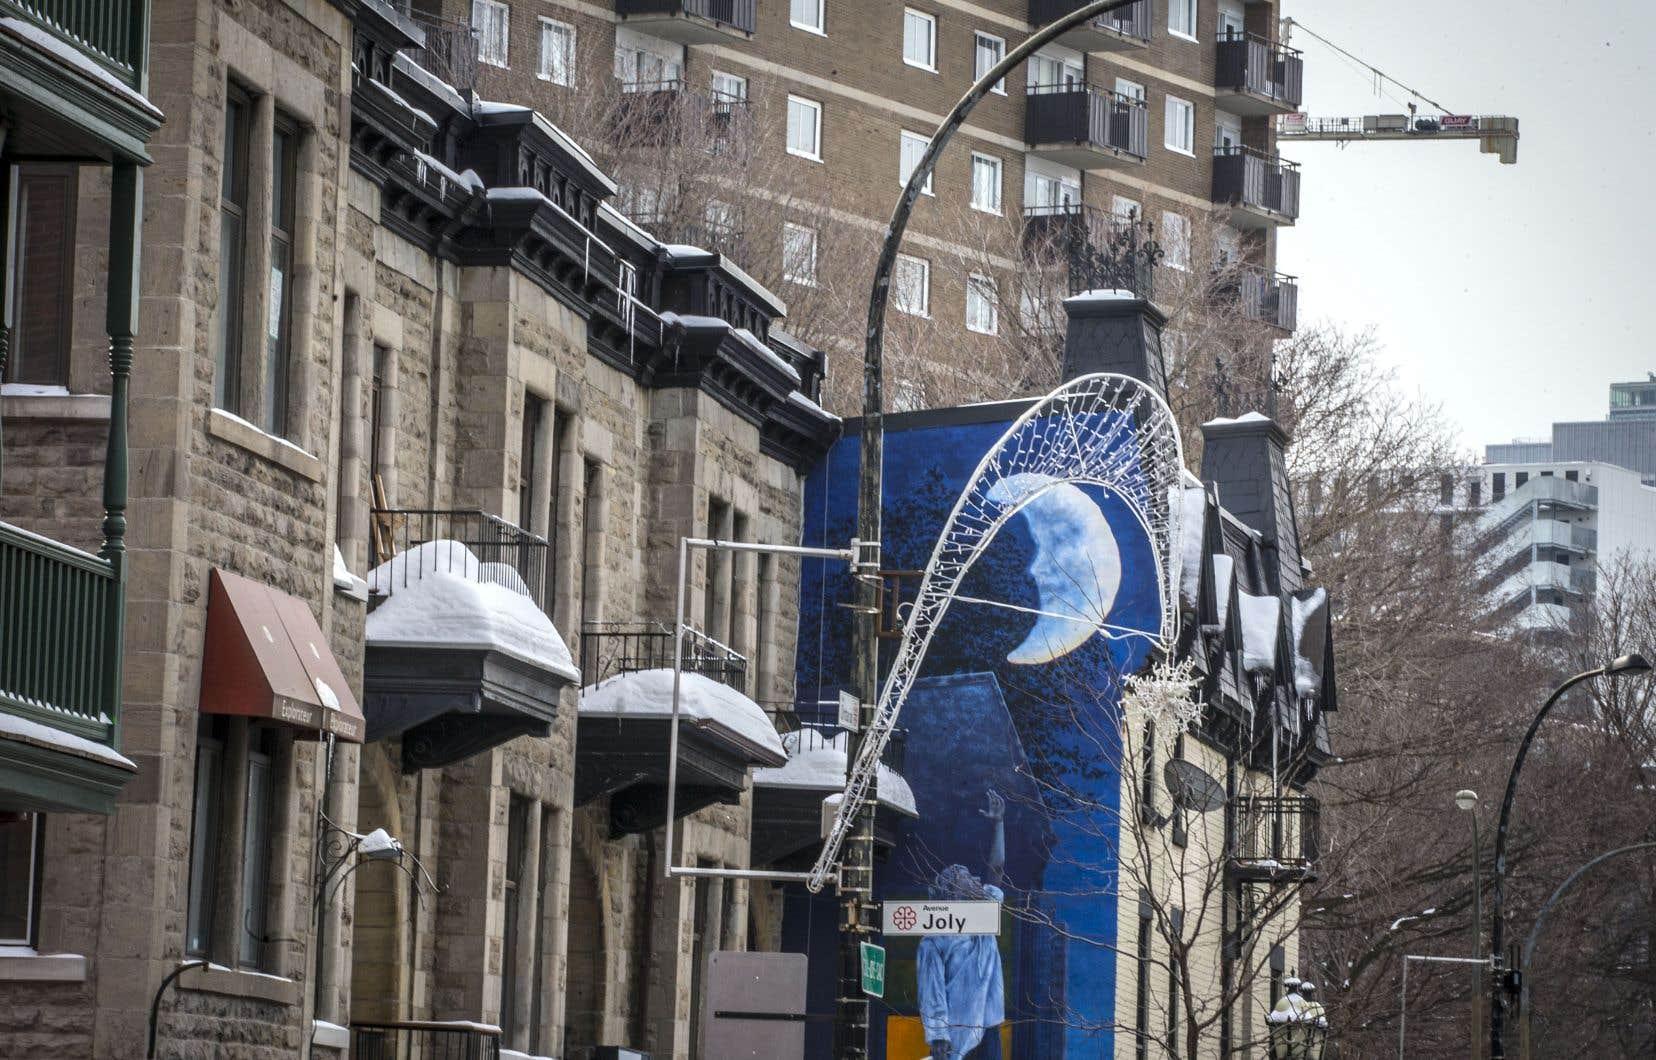 Les gouvernements du Québec et du Canada en sont venus à une entente, en janvier, concernant l'ICRL entre la Société d'habitation du Québec et la Société canadienne d'hypothèques et de logement. Le processus est donc un peu plus laborieux pour les municipalités québécoises qui souhaitent appliquer pour ce programme fédéral.